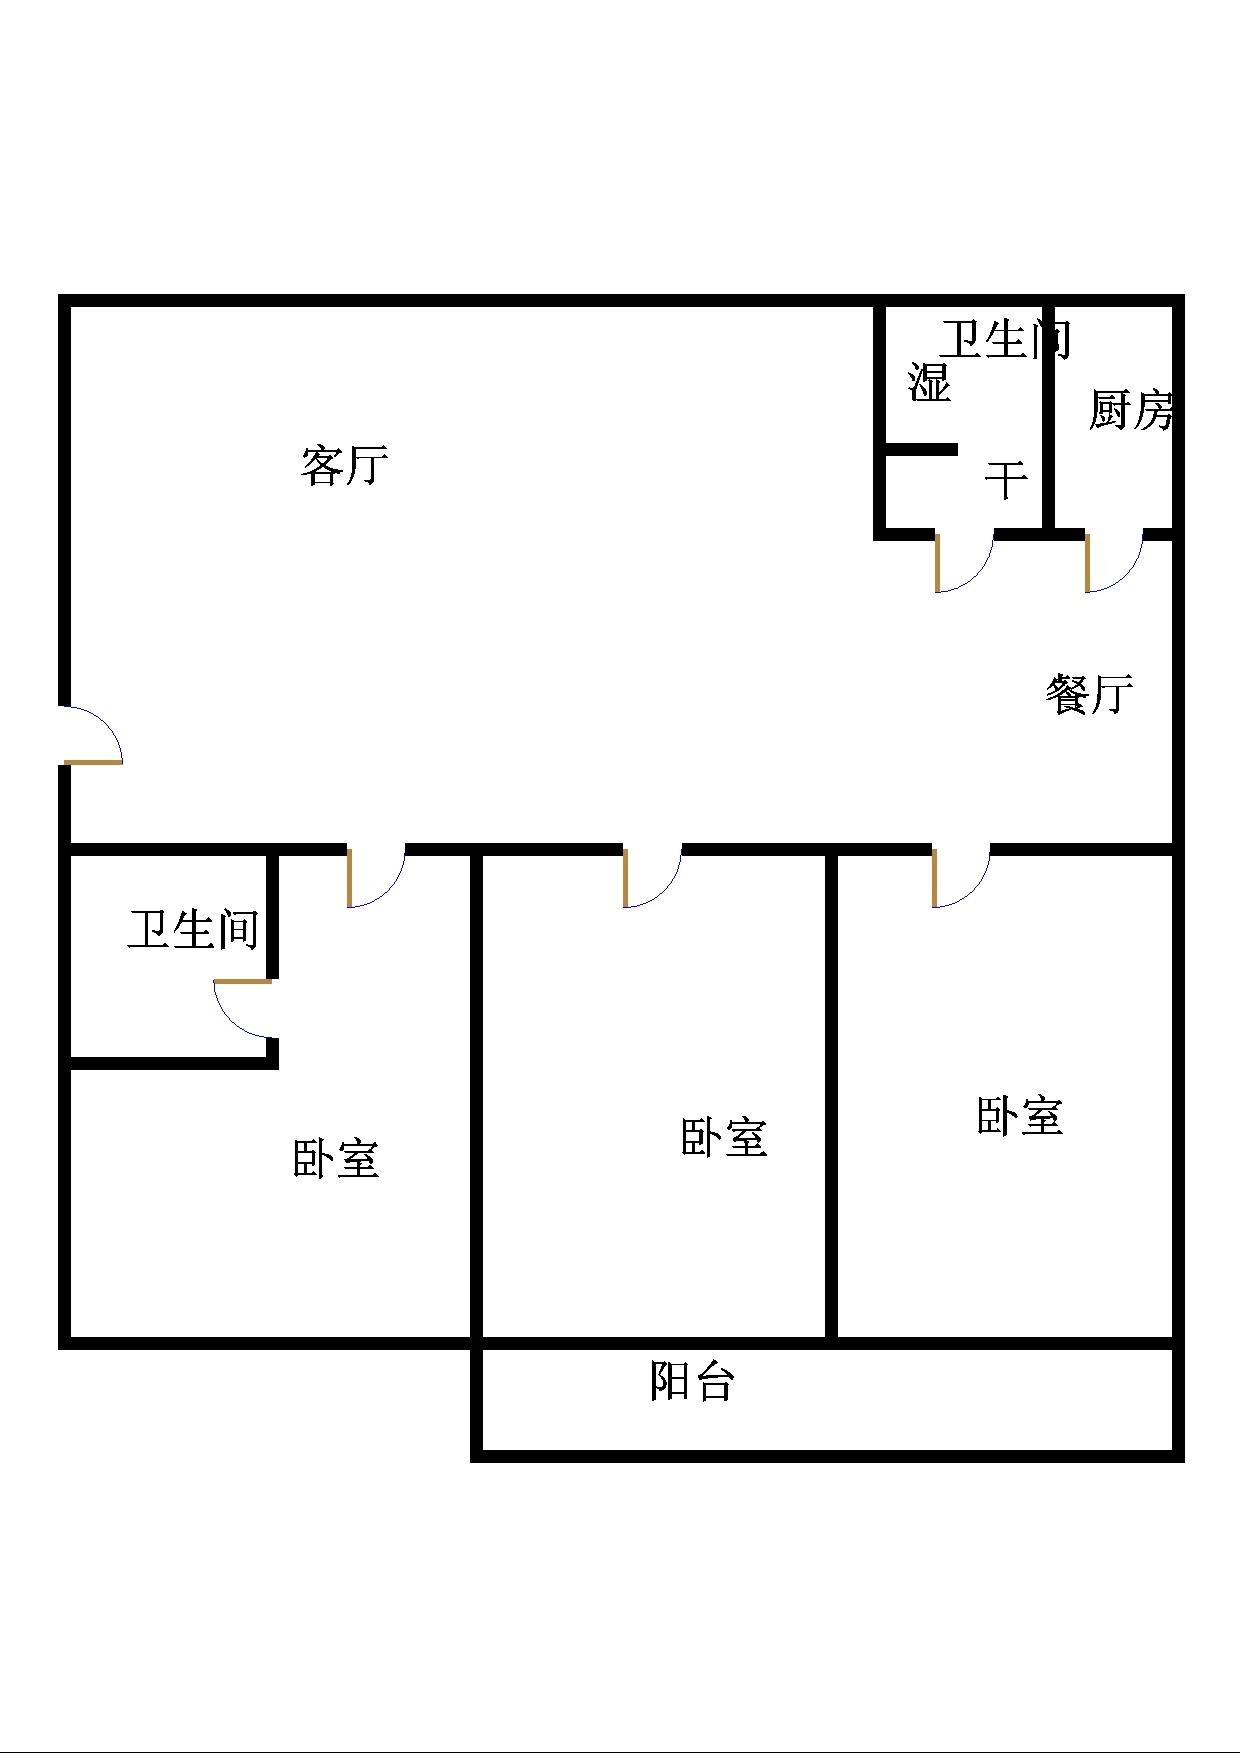 青龙潭小区 2室2厅 双证齐全 简装 136万